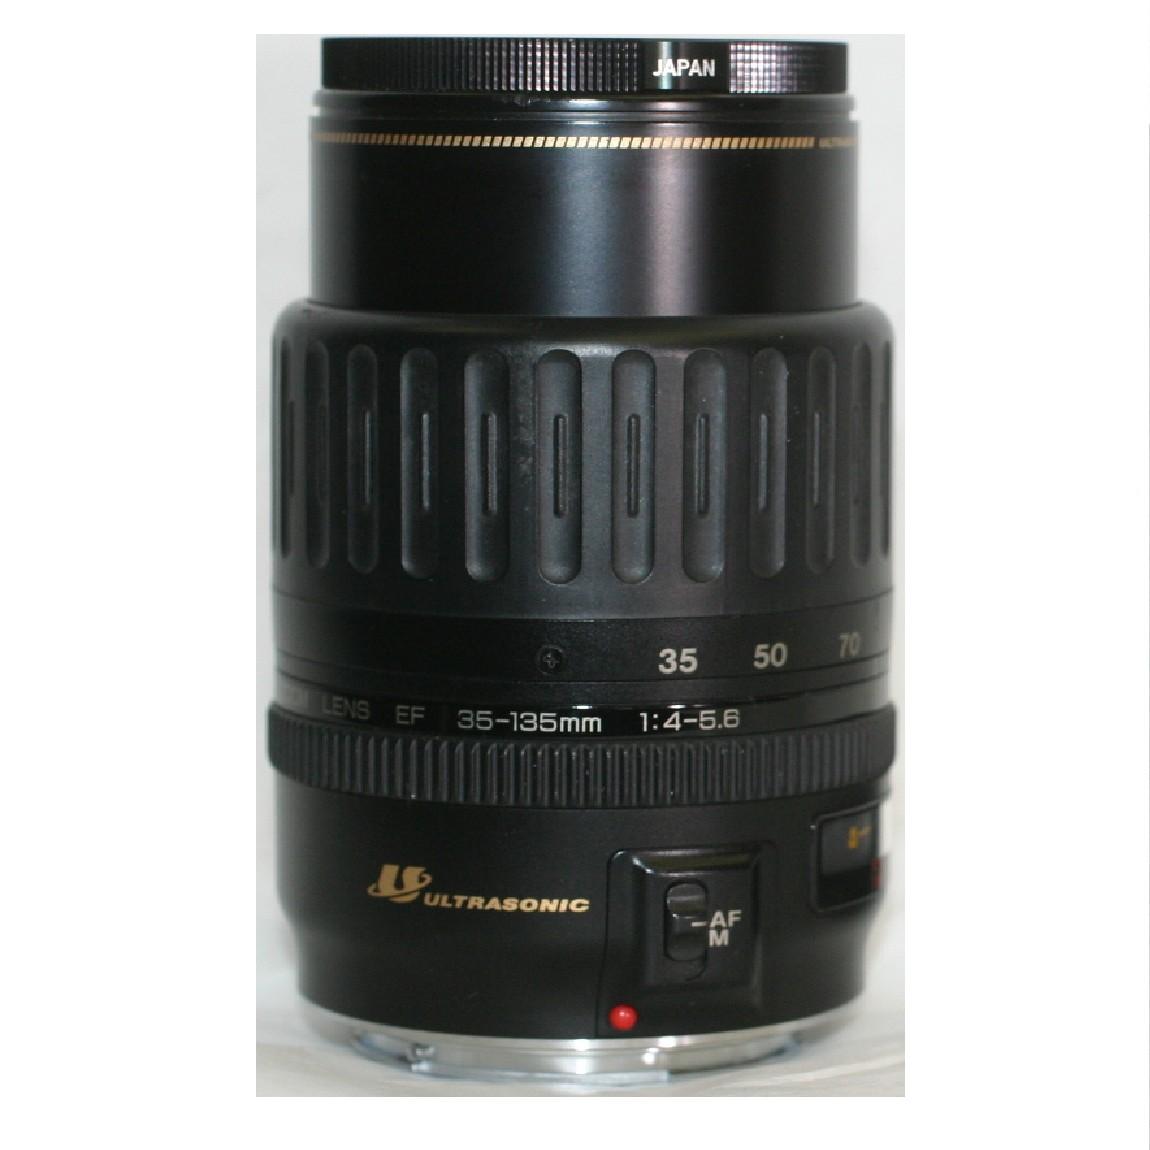 【中古】新品同様キャノンのEOS用EFレンズ35-135mmF4-5,6の4倍ズームレンズ 1ヶ月保障付 ○F13-47